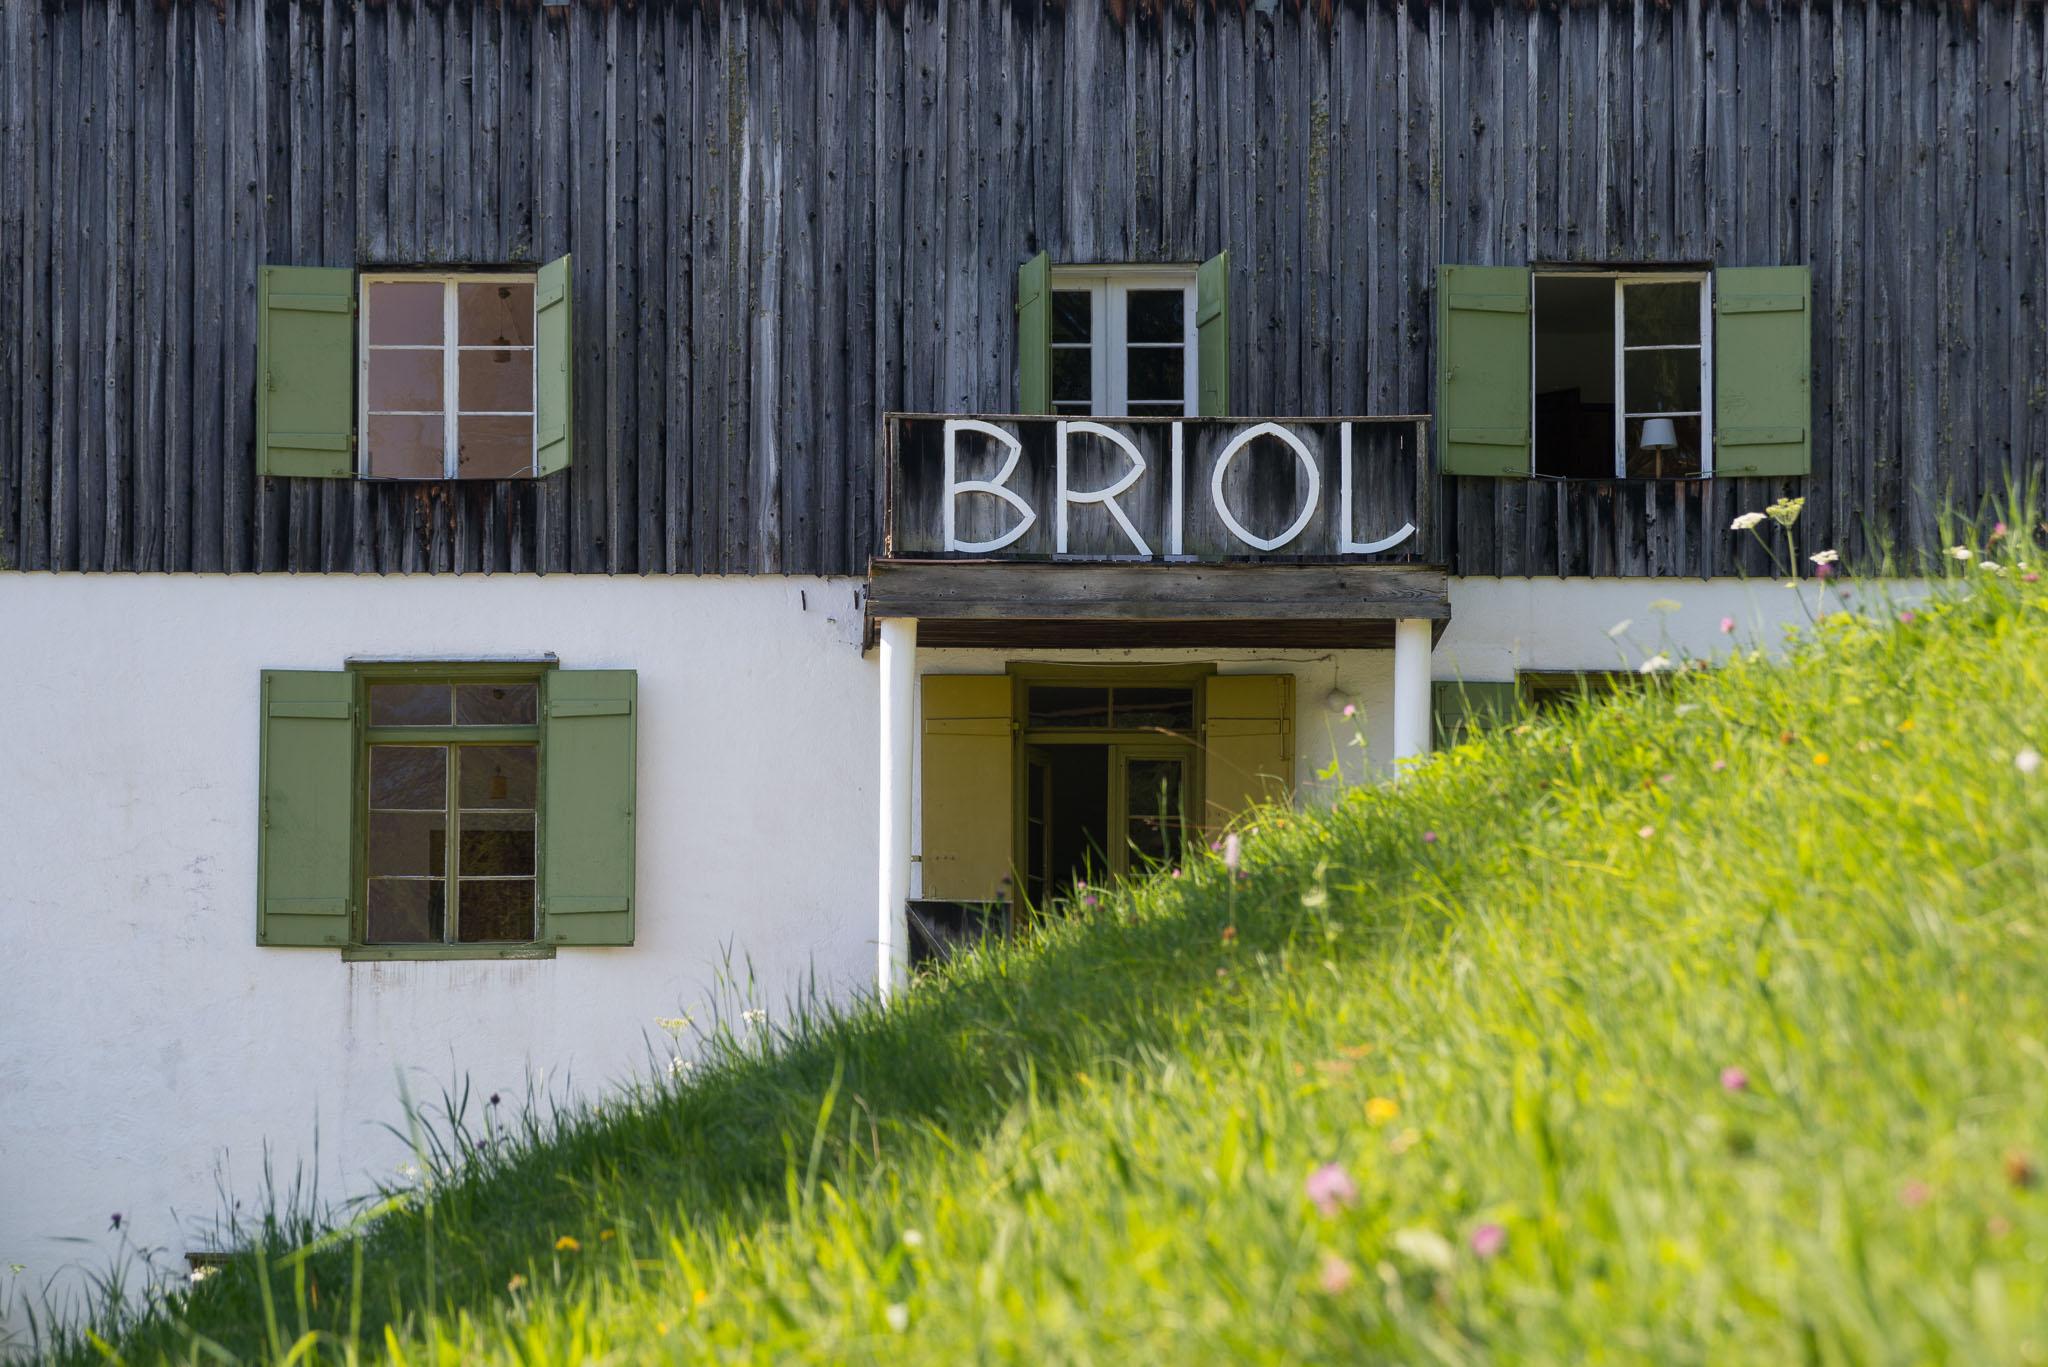 Grüne Bergwiese vorm Seiteneingang von Briol